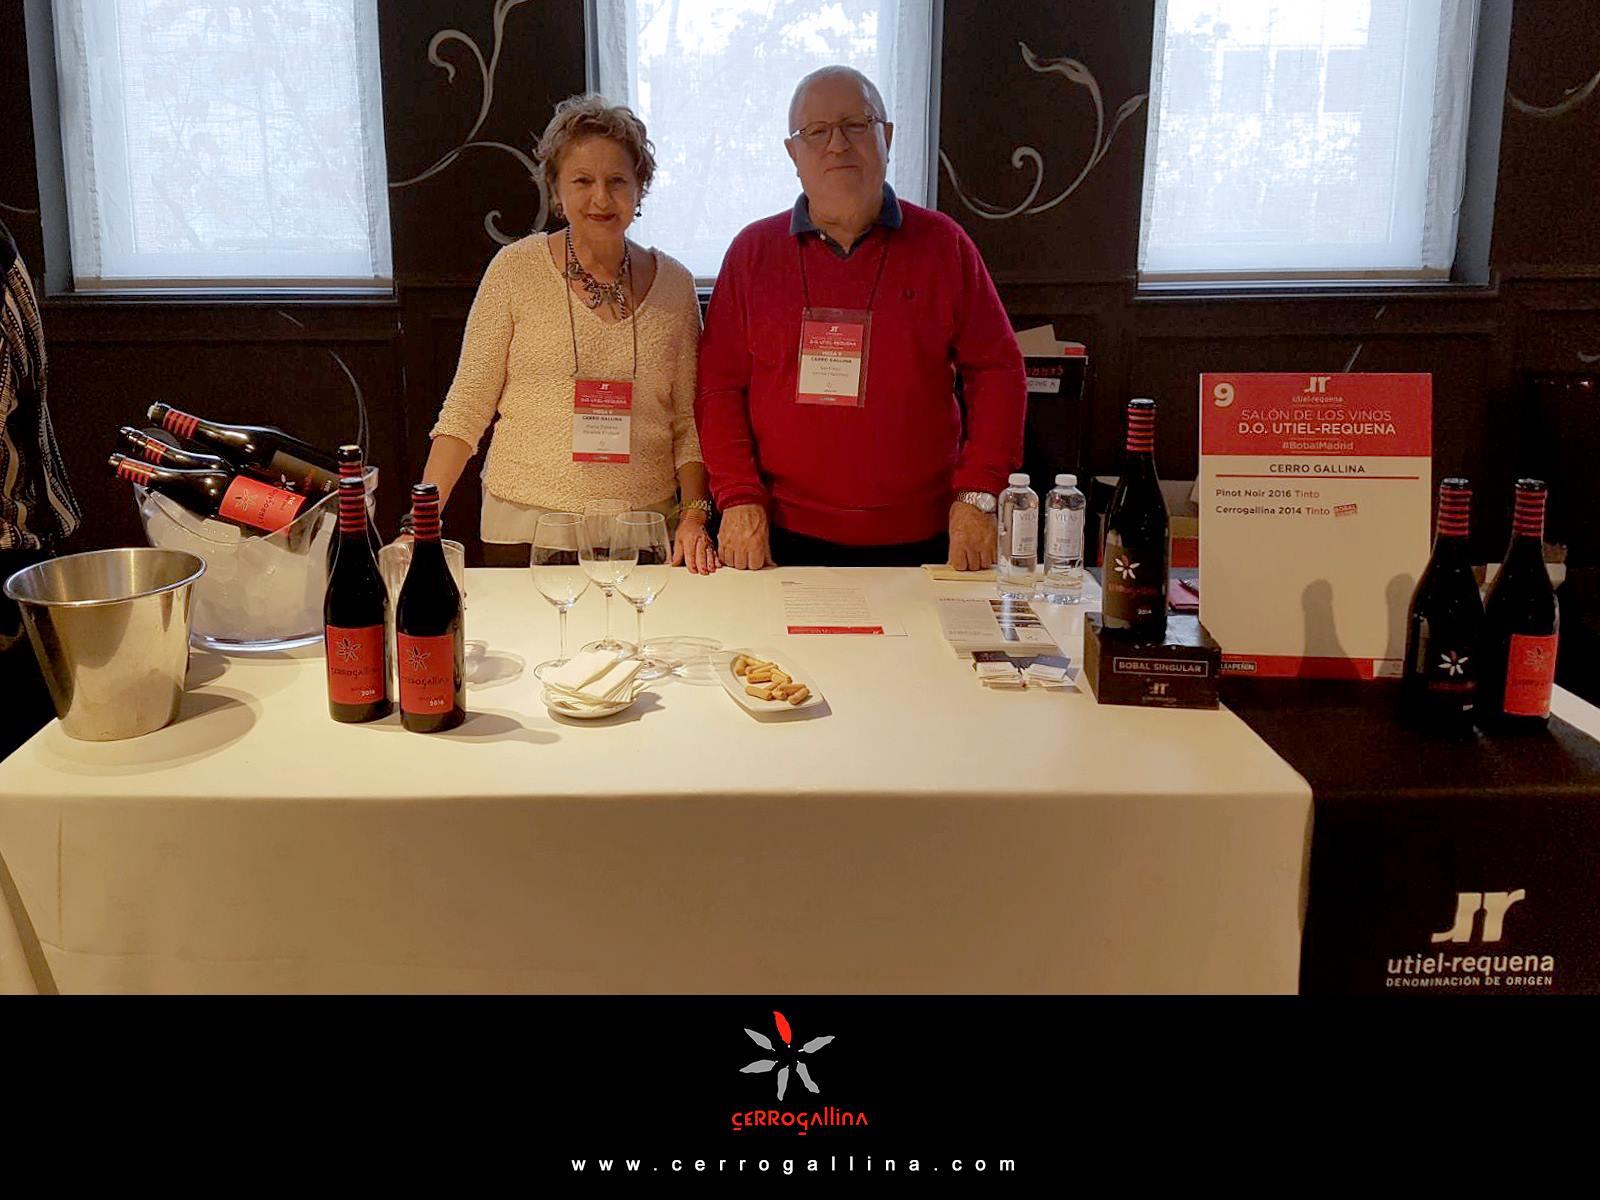 Cerro Gallina en el salón de los vinos D.O. UTIEL-REQUENA 2017